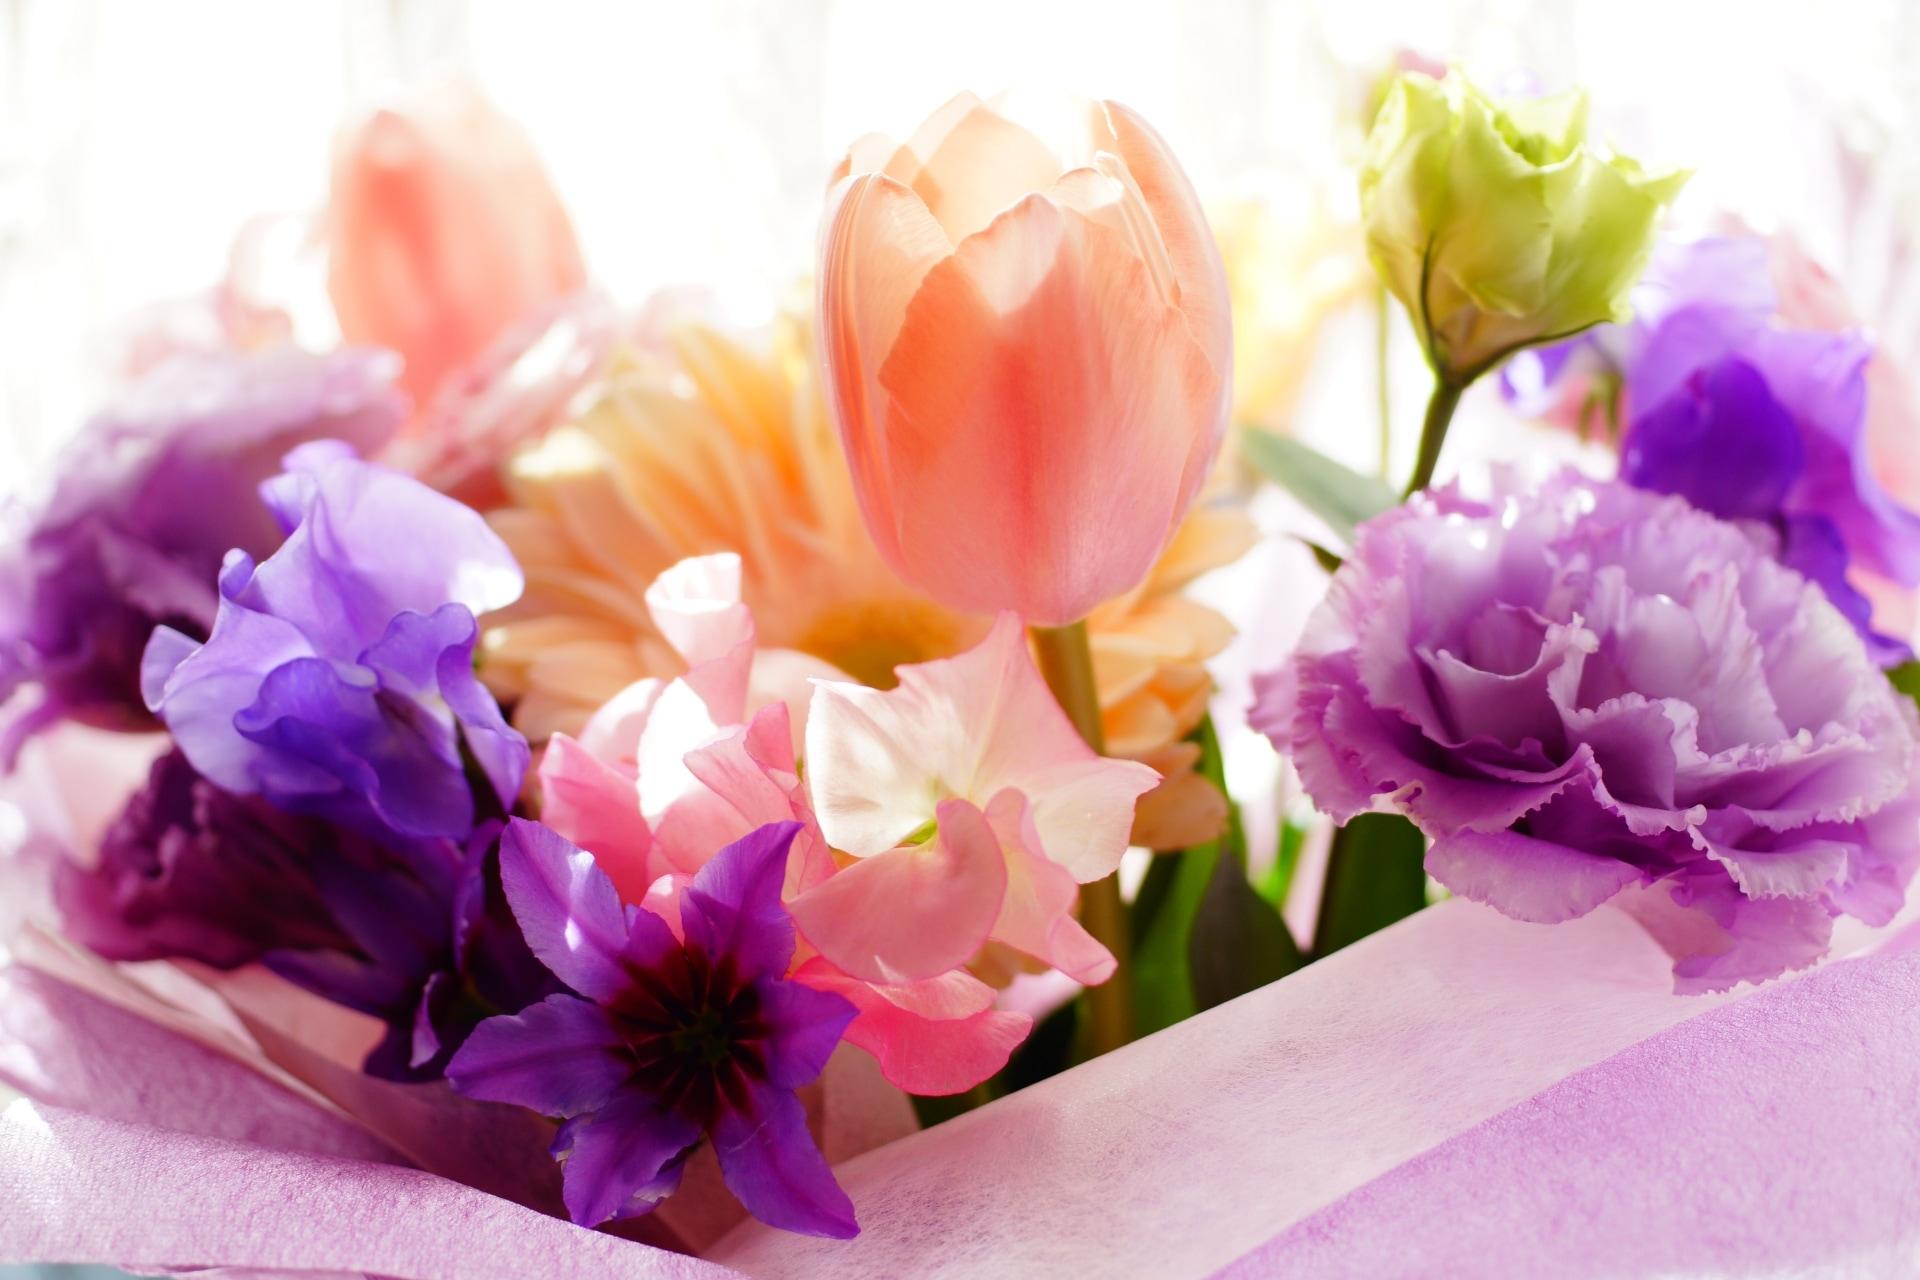 プレゼントするなら造花?生花?プロポーズでもらって嬉しい花束・アレンジの素材は?